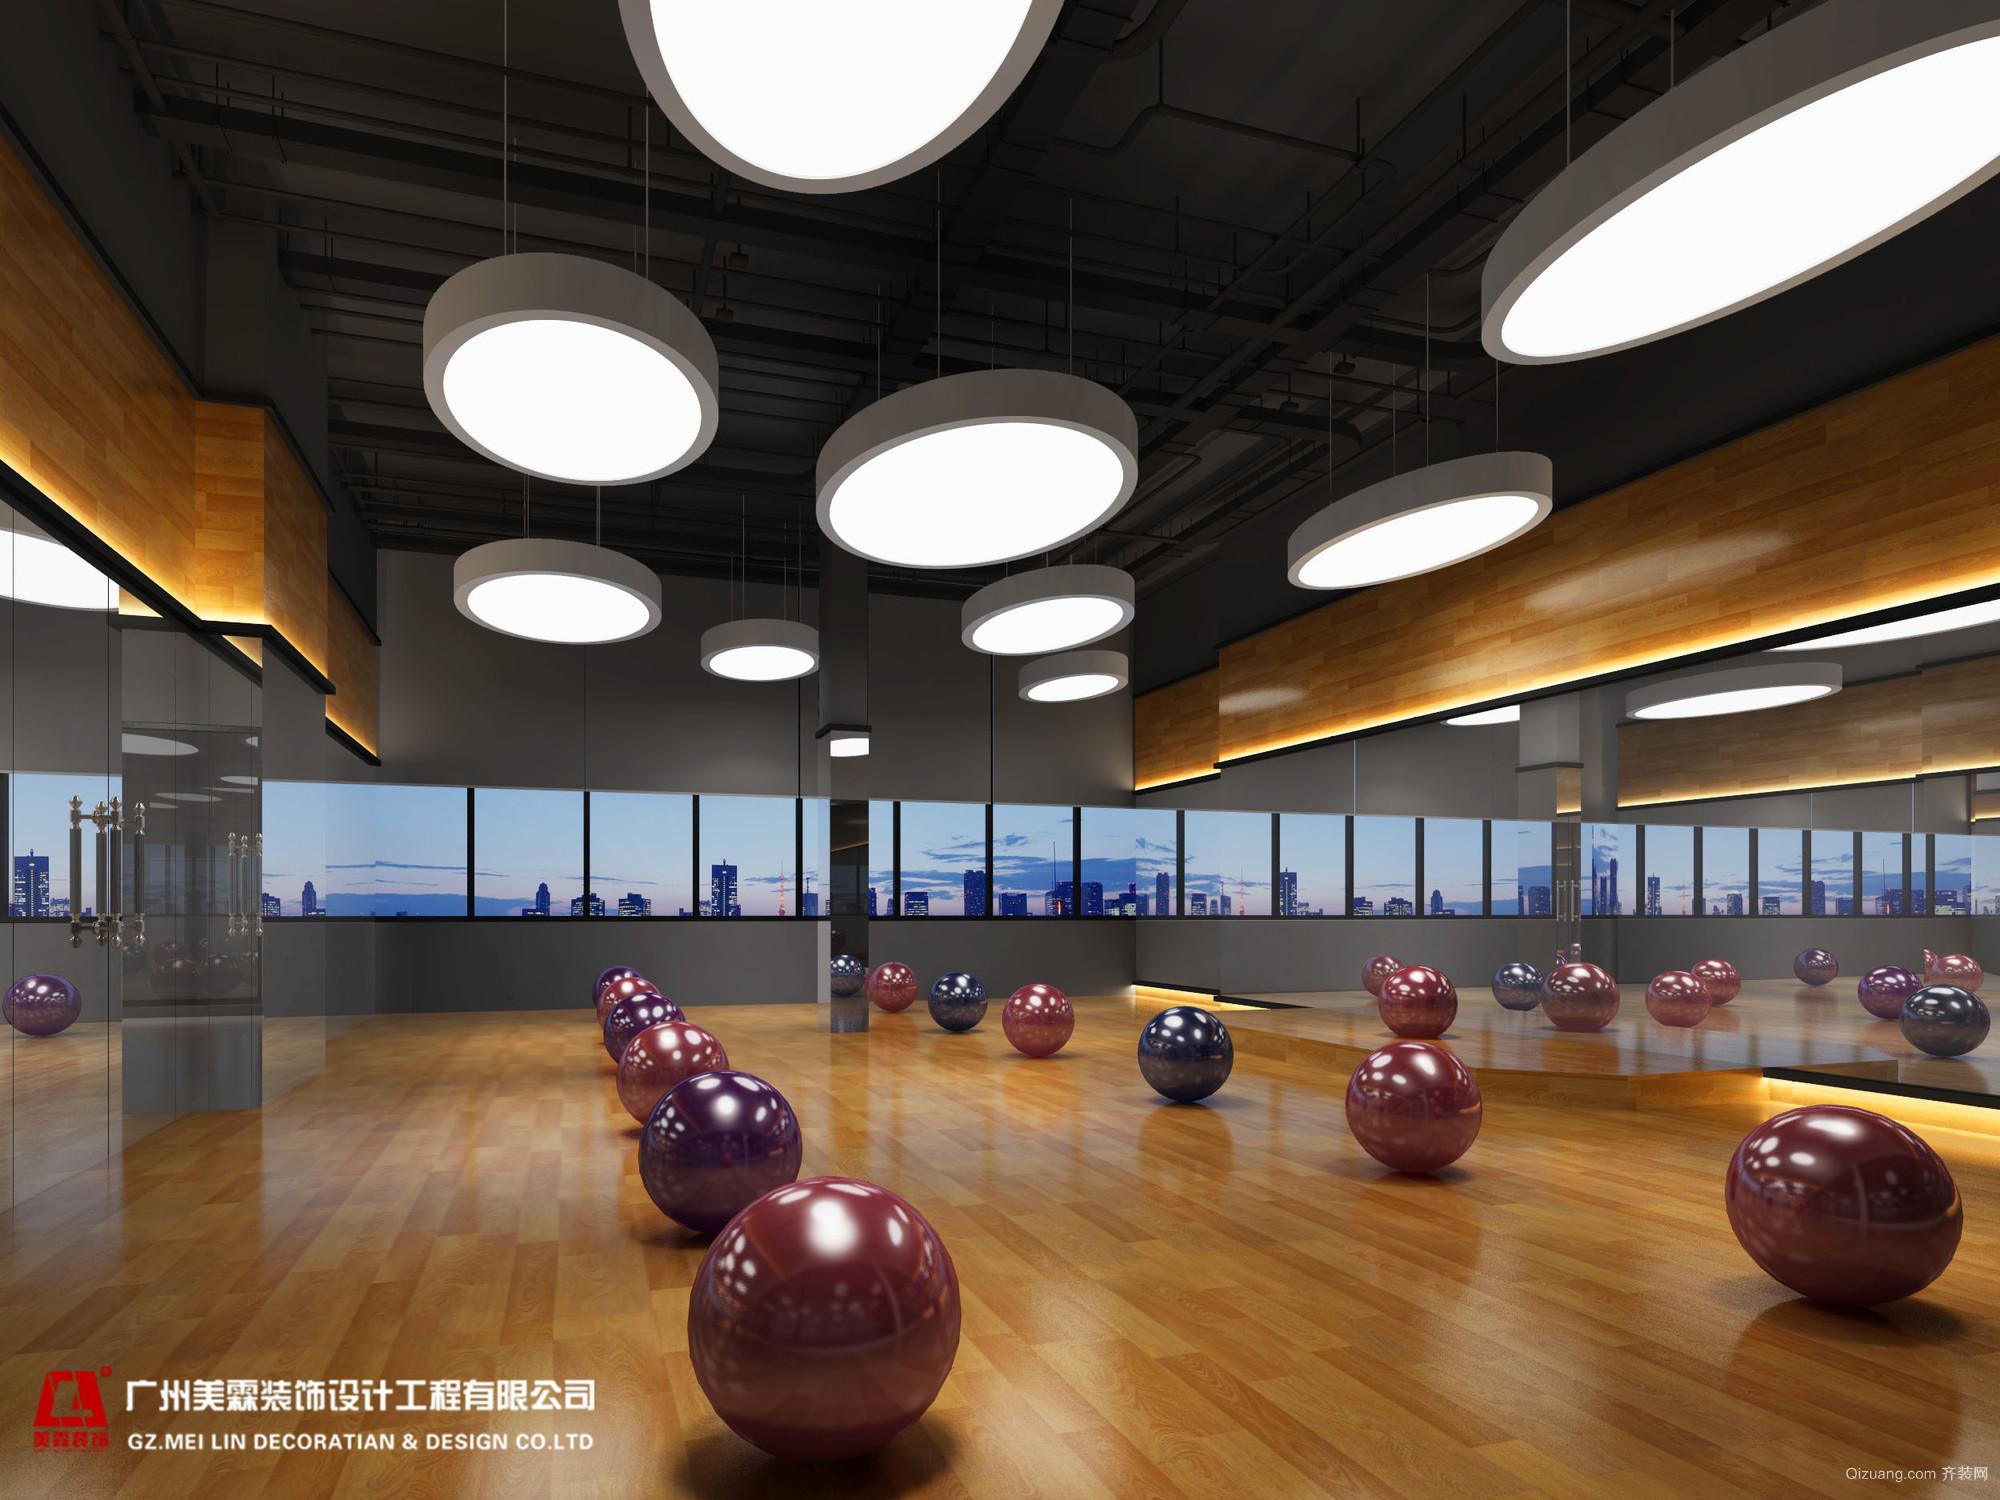 肇庆爱尚国际健身房混搭风格装修效果图实景图